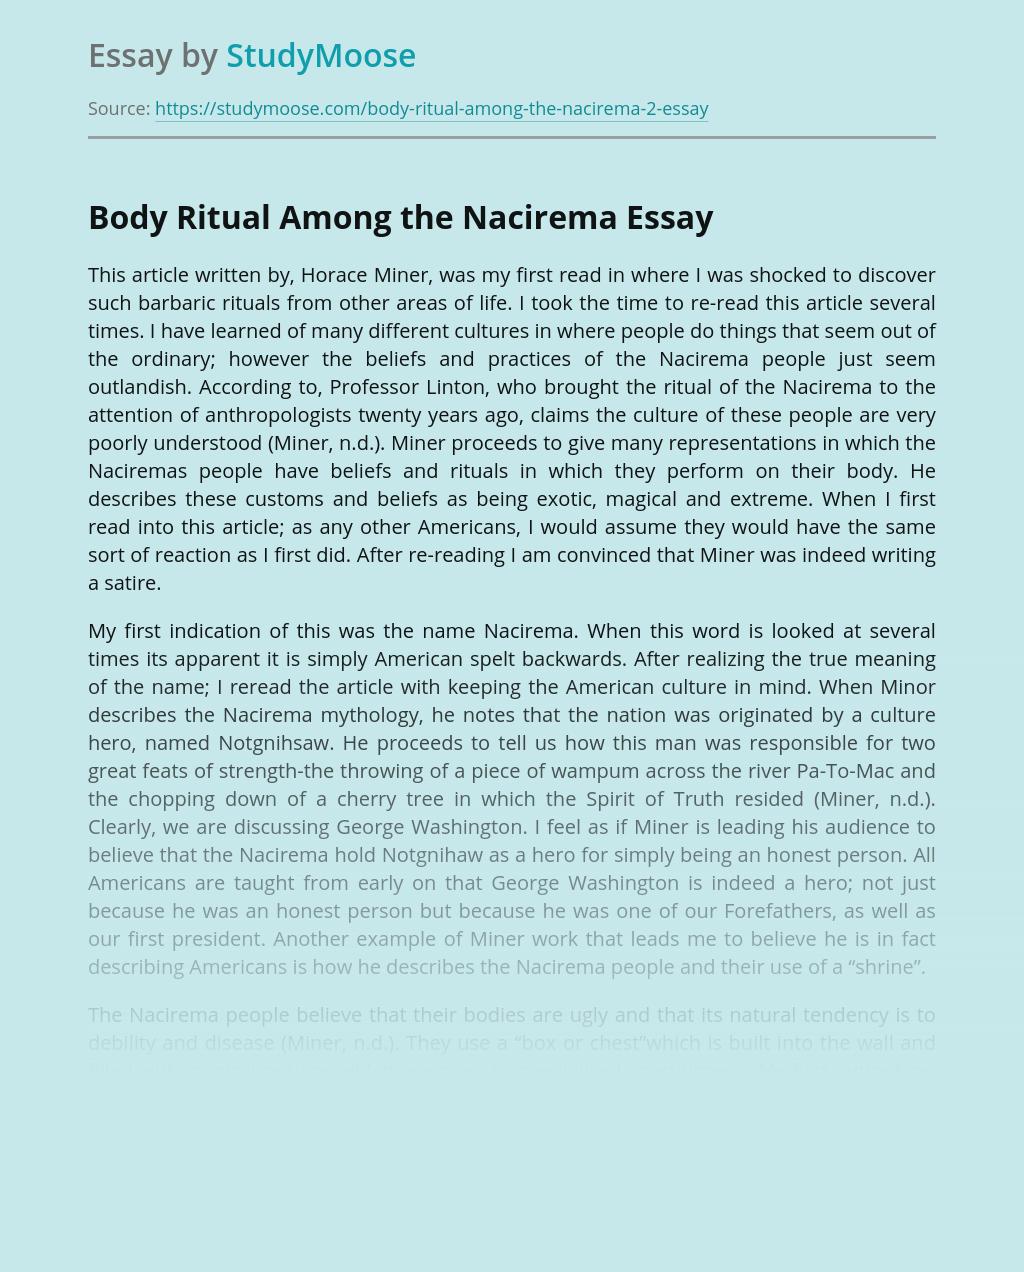 Human Issues in Body Ritual Among the Nacirema